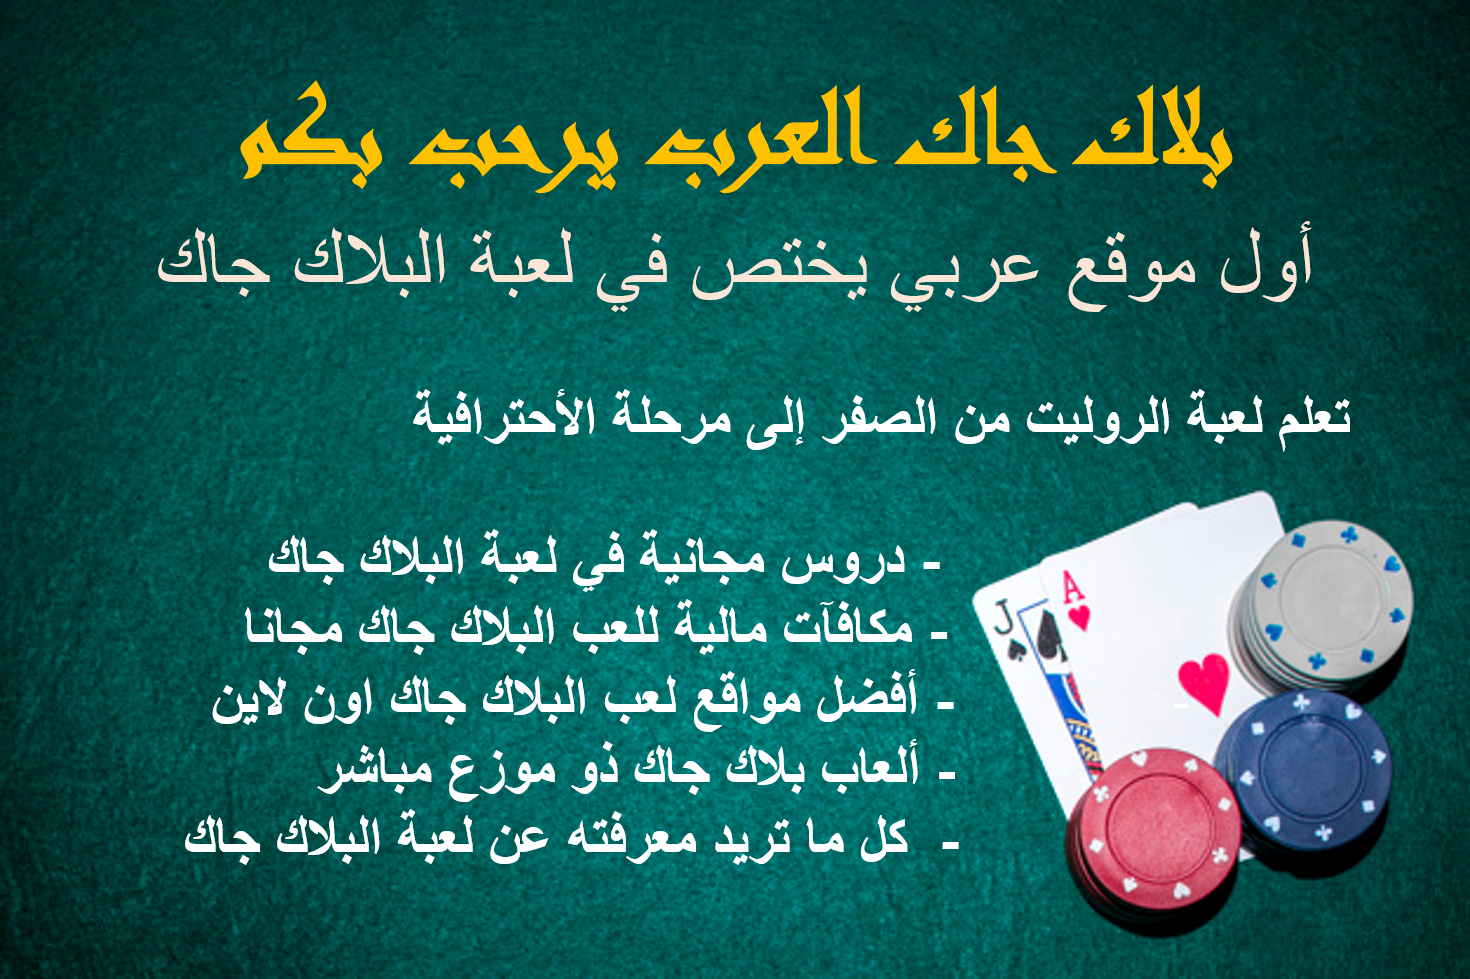 طريقة الفوز باليانصيب - 86489